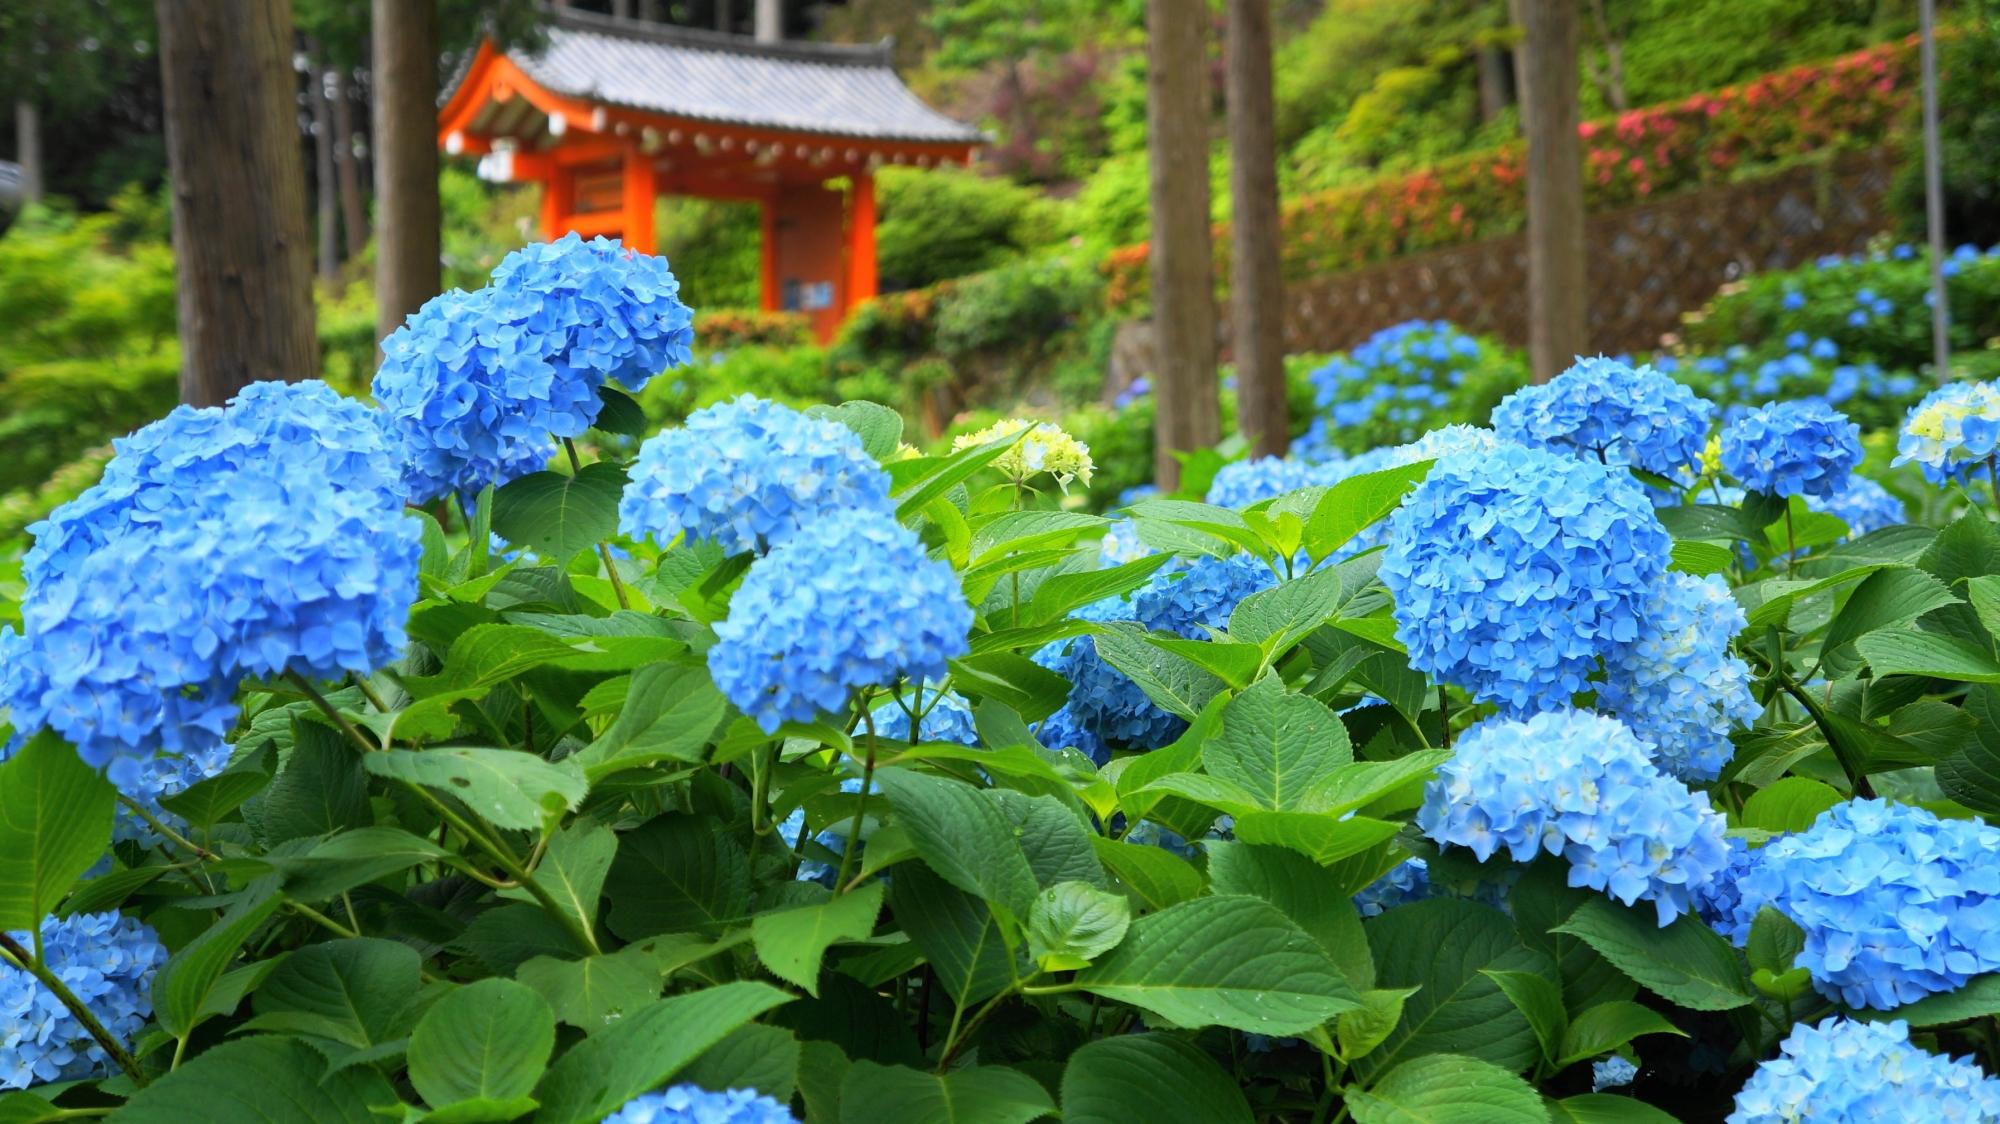 三室戸寺の山門と初夏のあじさい園を彩る青い紫陽花